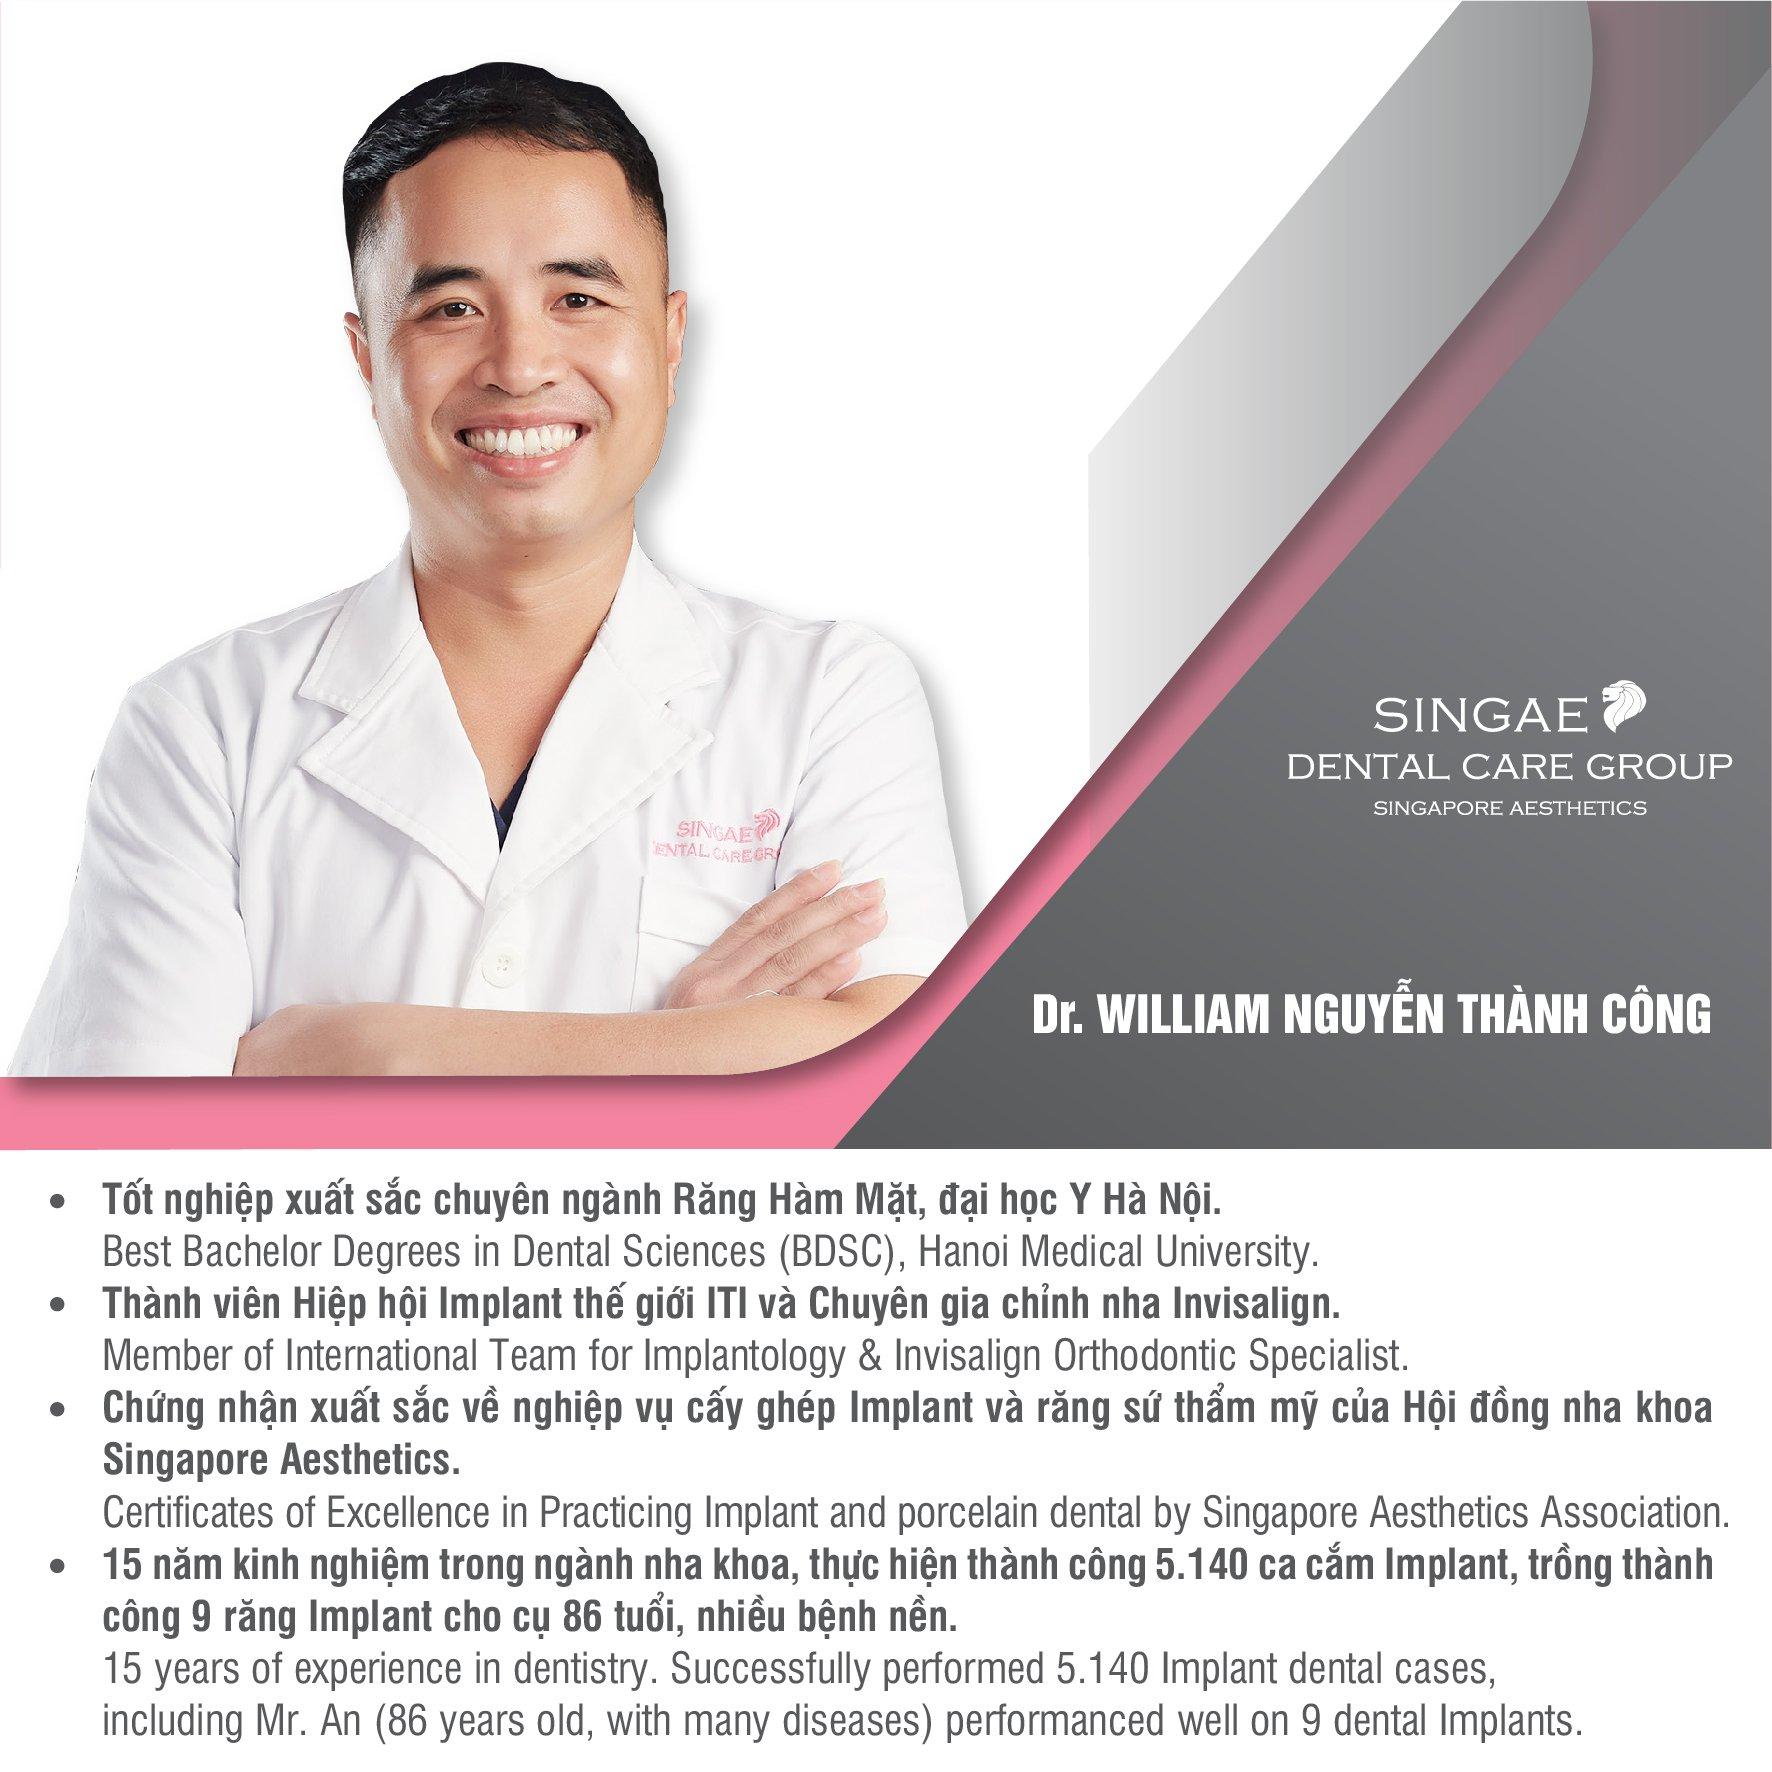 Bác sĩ Nguyễn Thành Công - chuyên gia cấy ghép Implant tại Nha khoa Singae